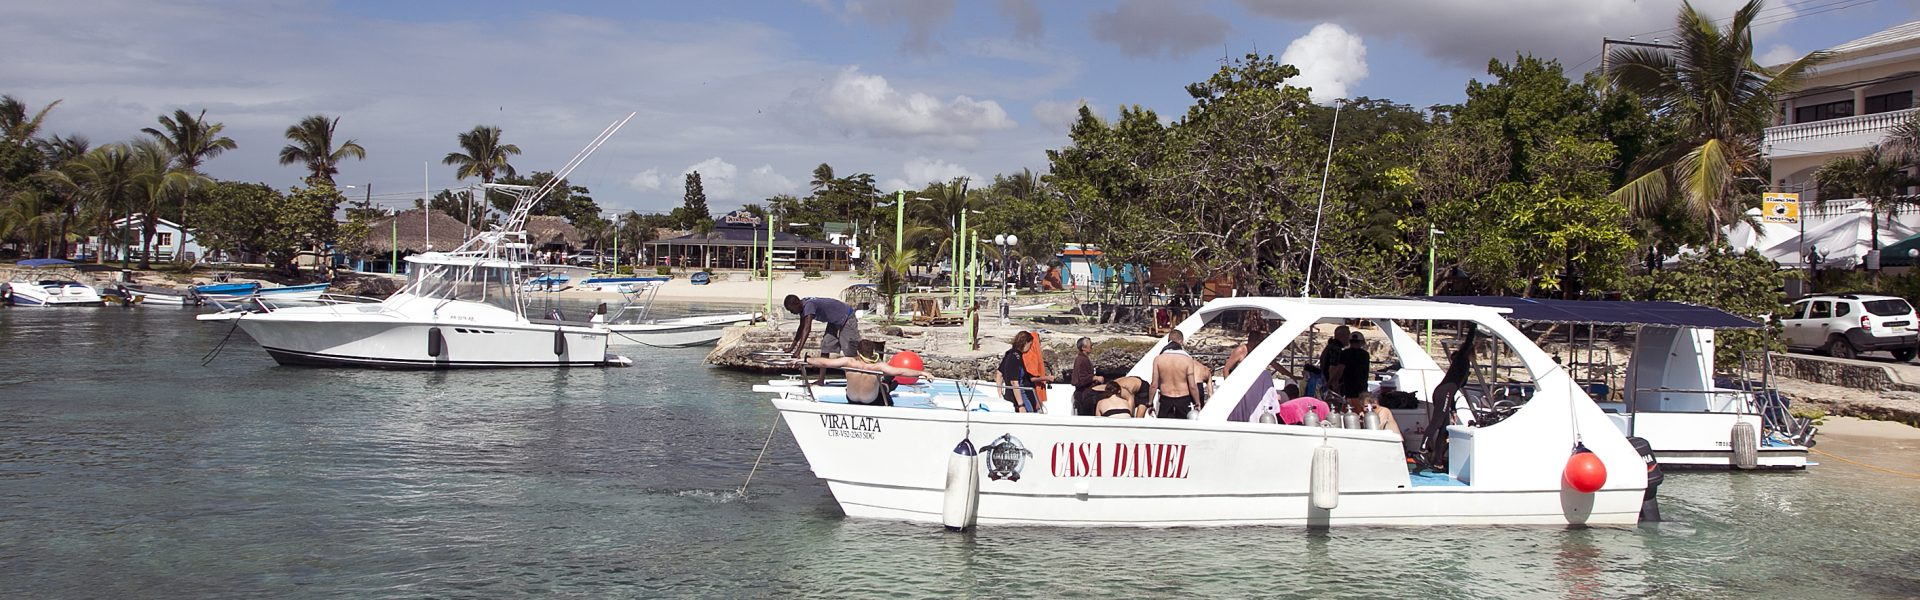 Vira Lata boat